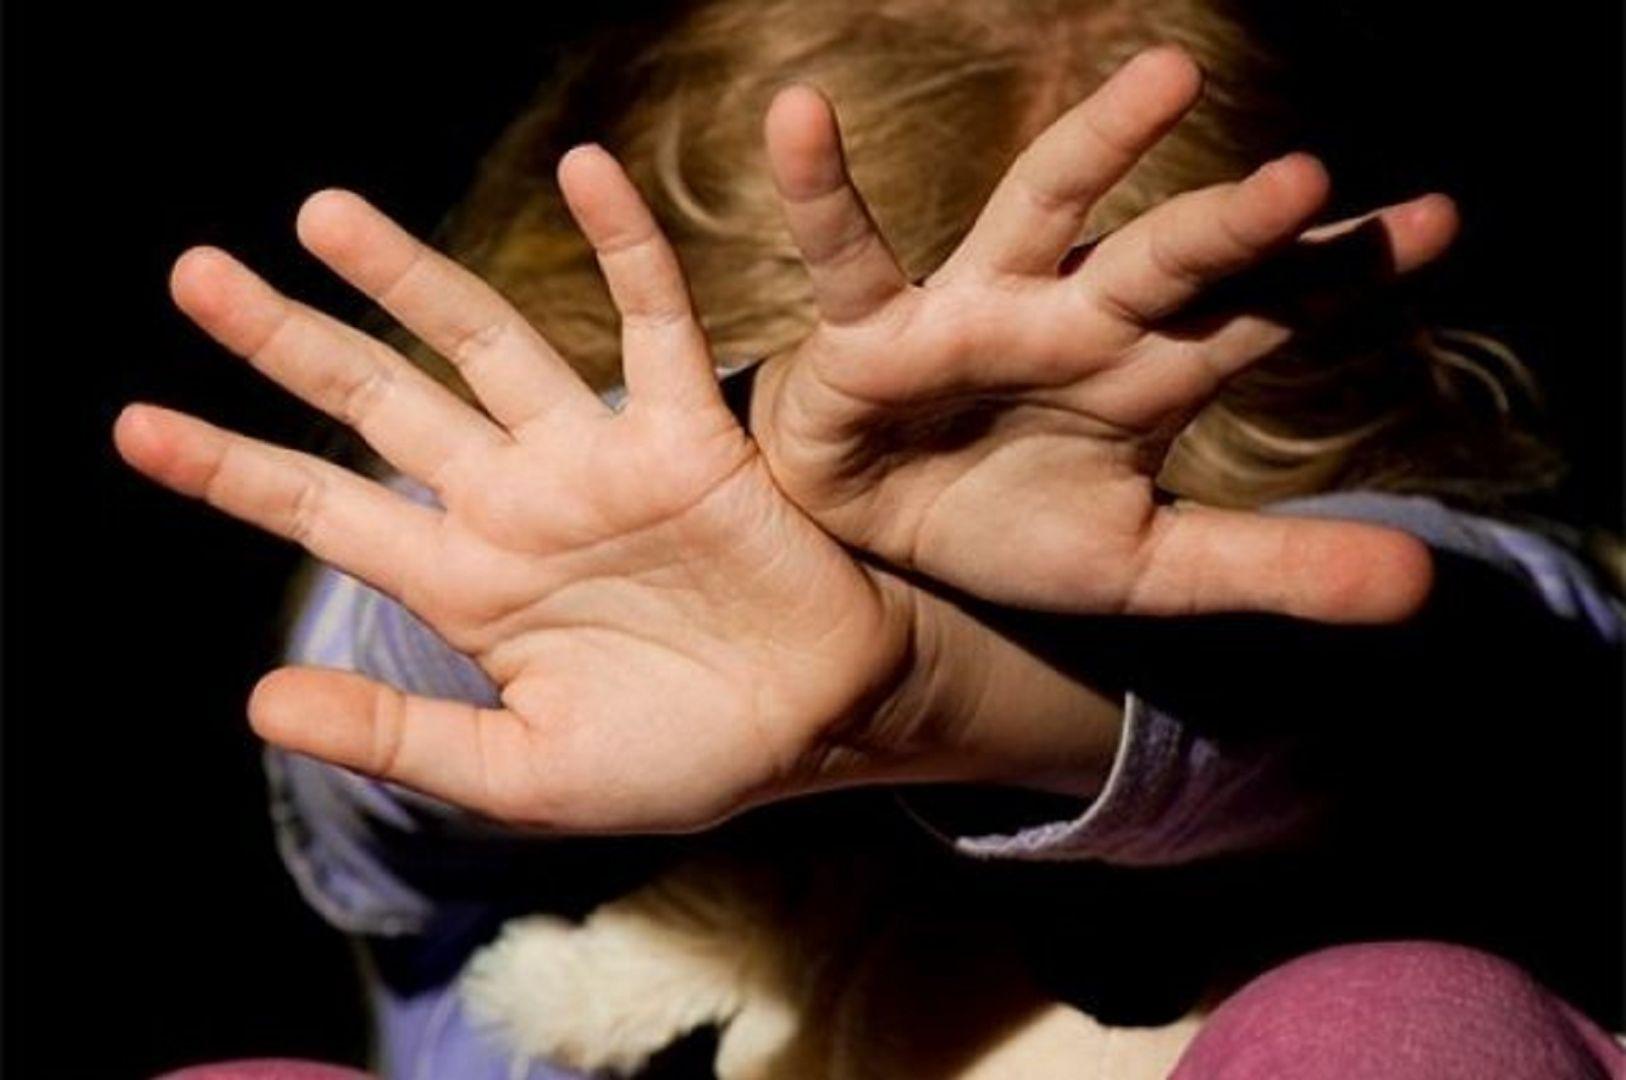 Правоохранители проверят информацию осексуальном извращенце вЛермонтове